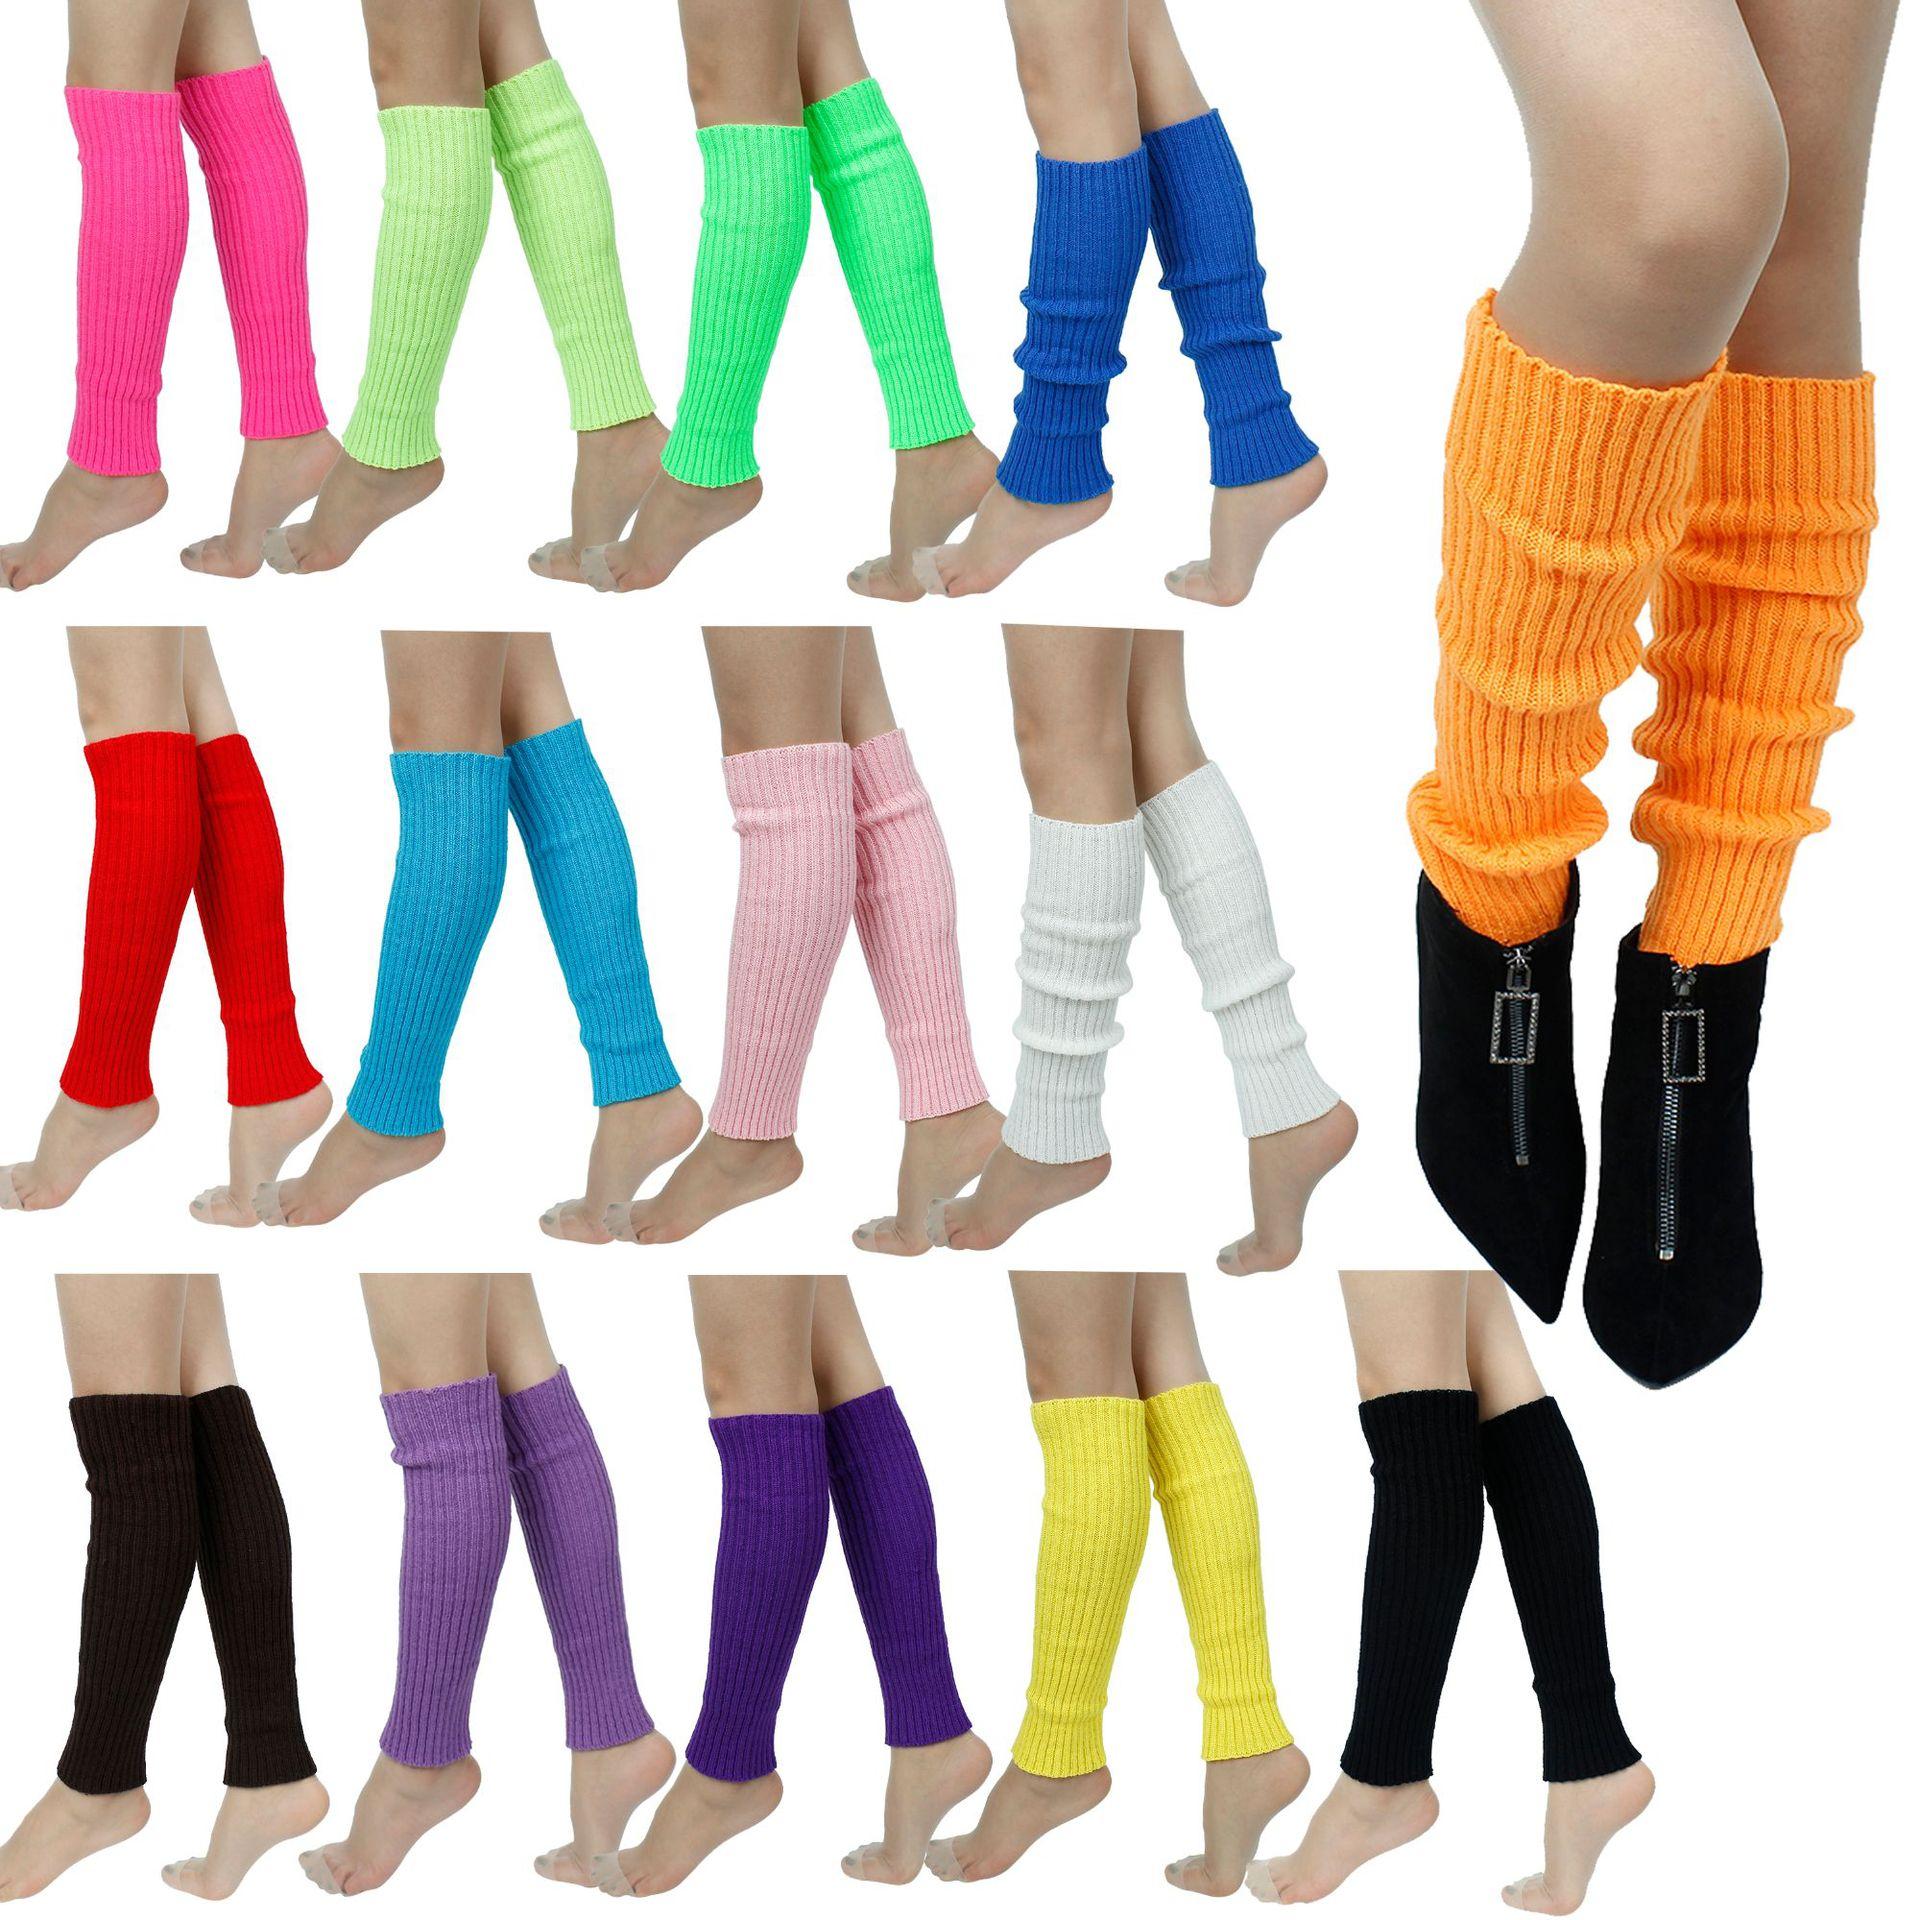 Winter Leg Warmers Women Knee High Knit Boot Cuffs Cotton Solid Color Knee Sock Leg Warmers Been War